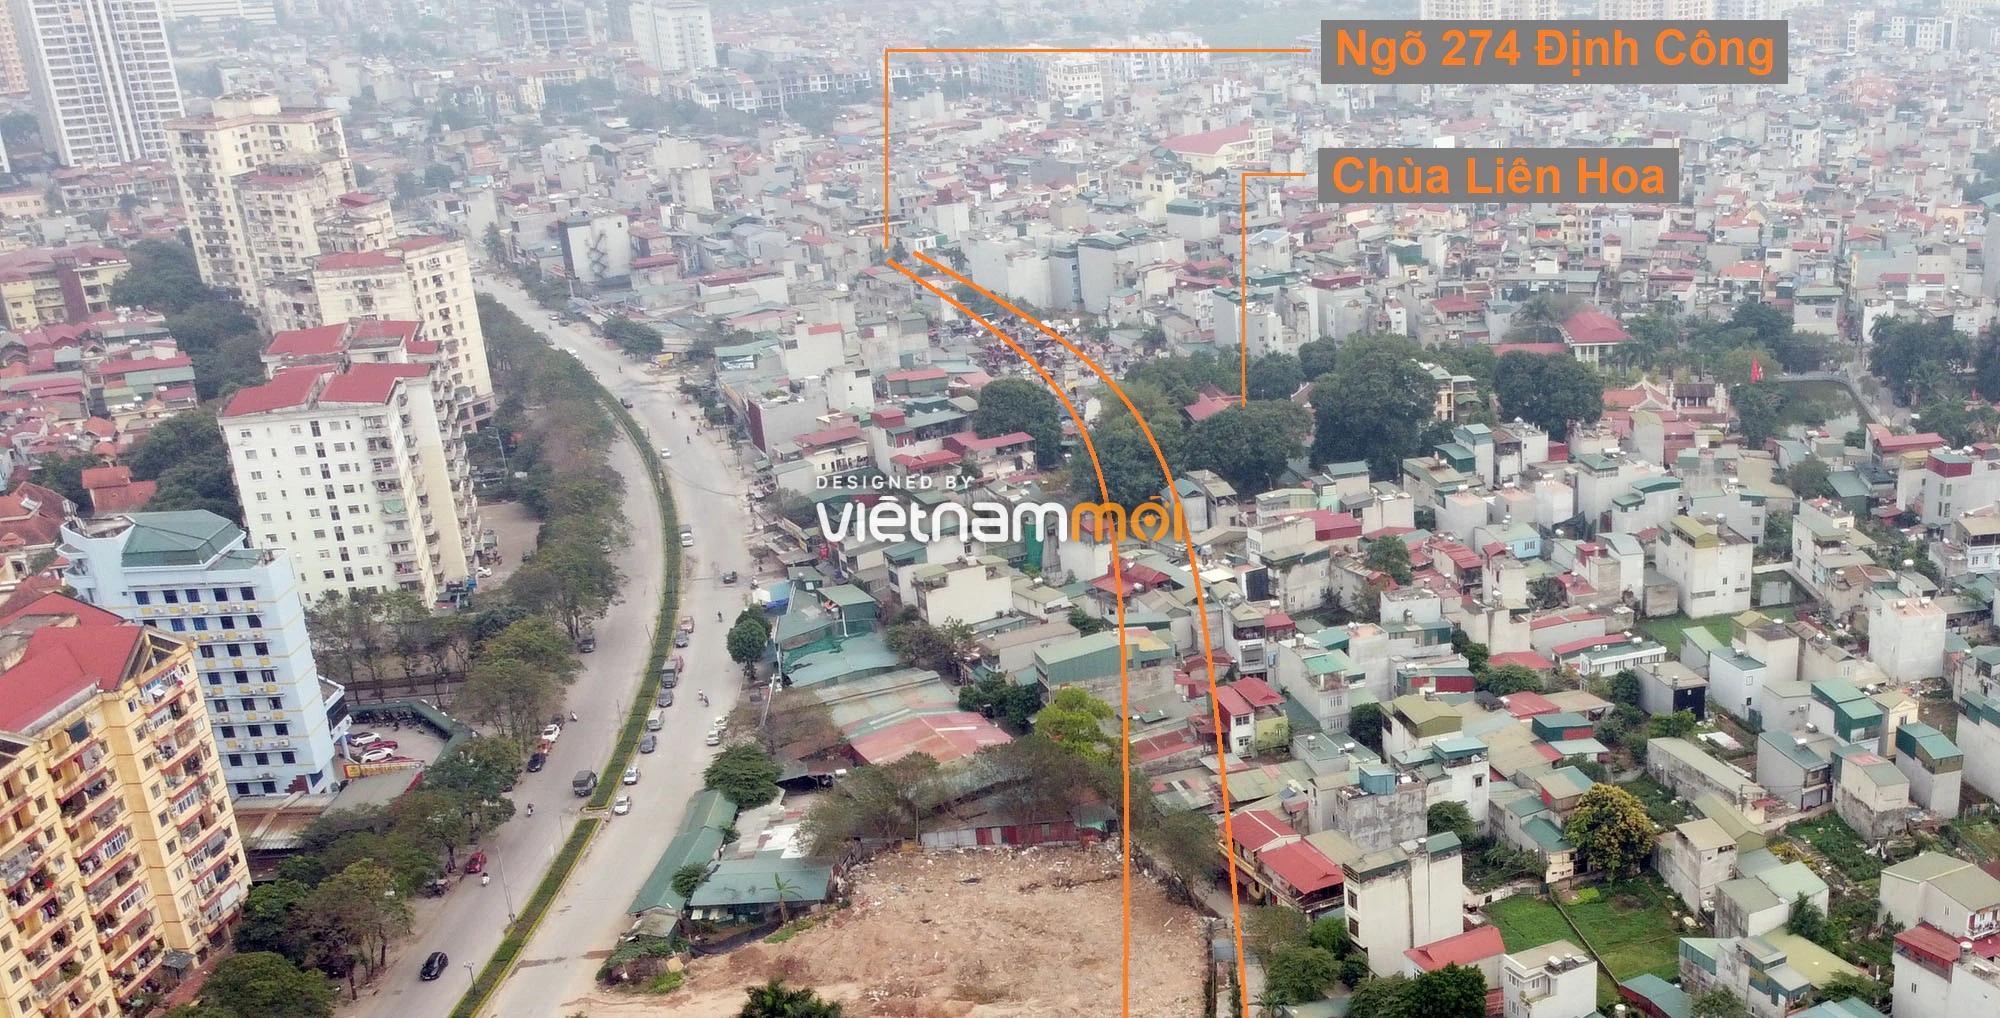 Đường sẽ mở theo quy hoạch ở phường Định Công, Hoàng Mai, Hà Nội (phần 4) - Ảnh 5.